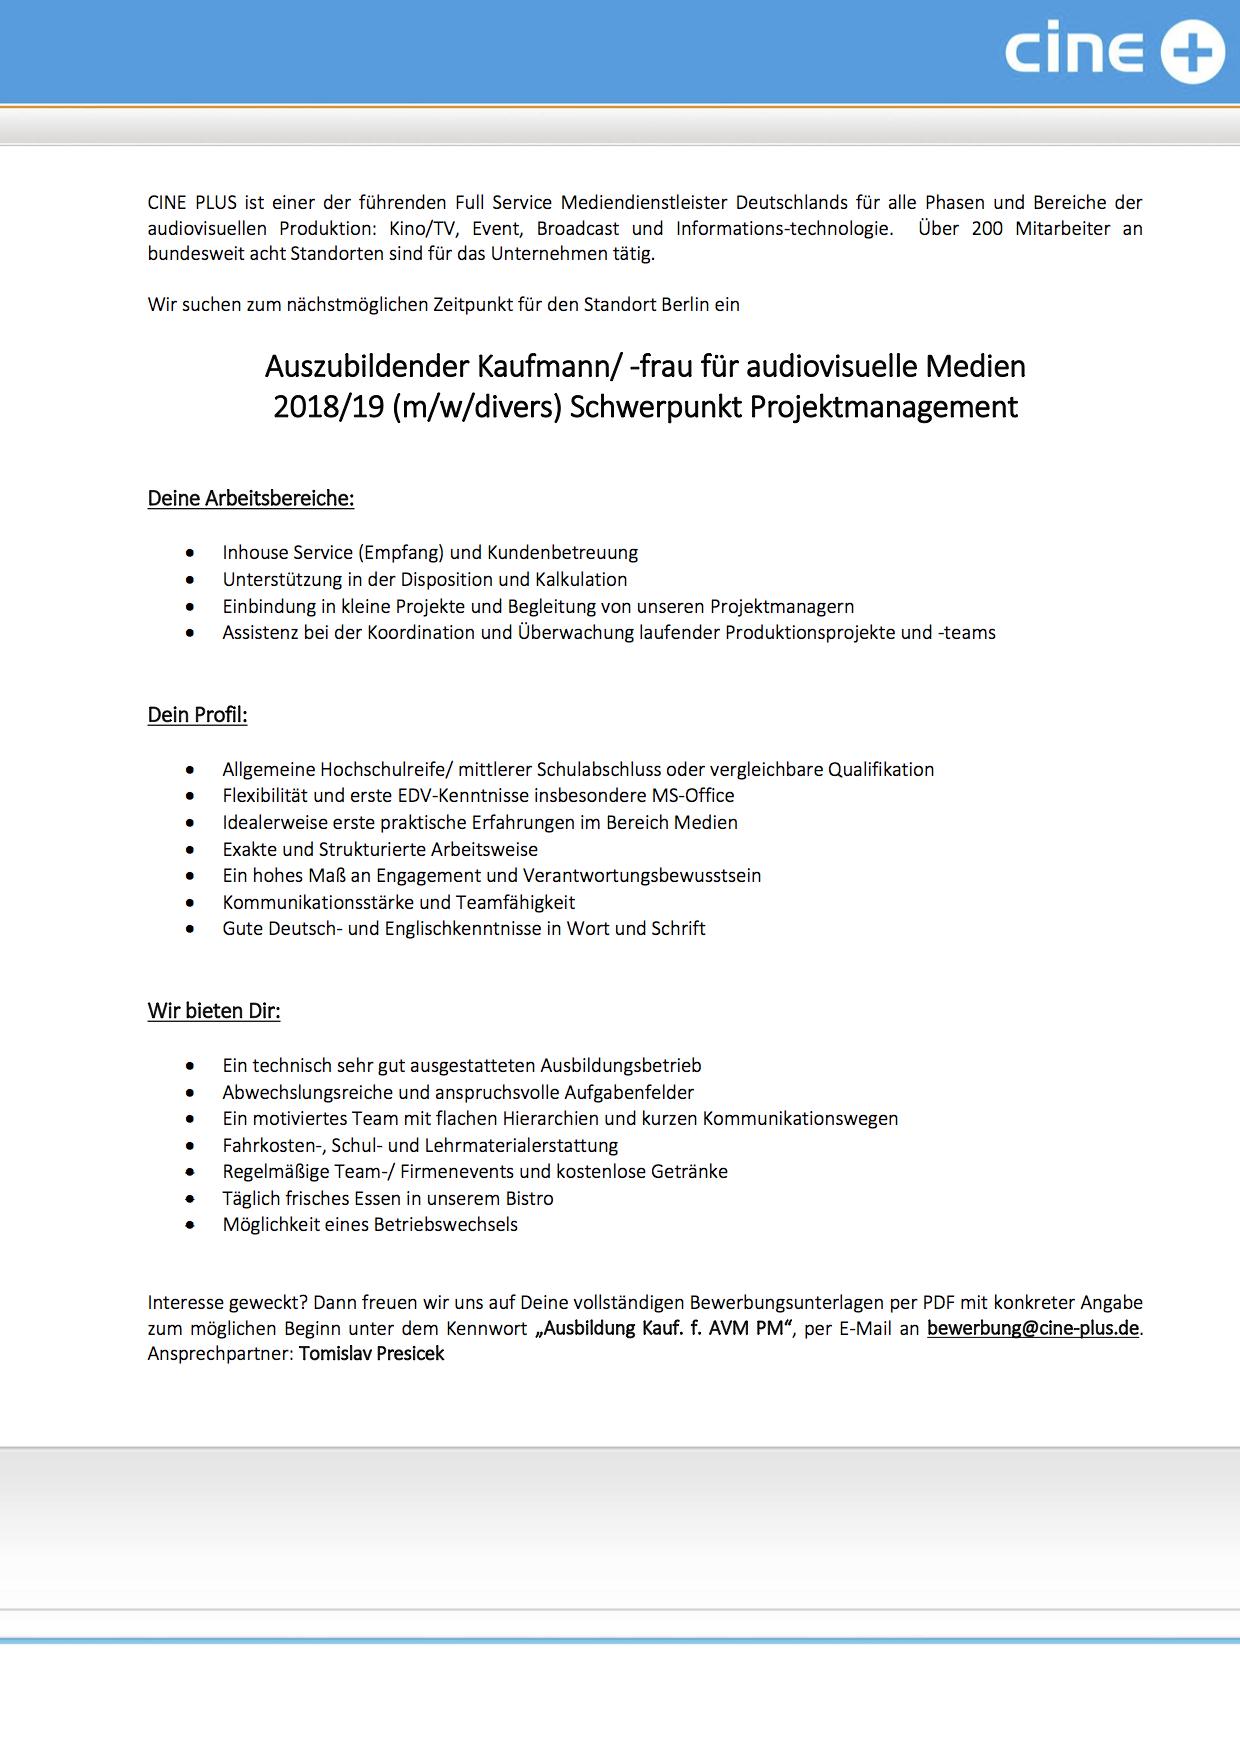 Auszubildender Kaufmann/ -frau für audiovisuelle Medien (m/w/divers),